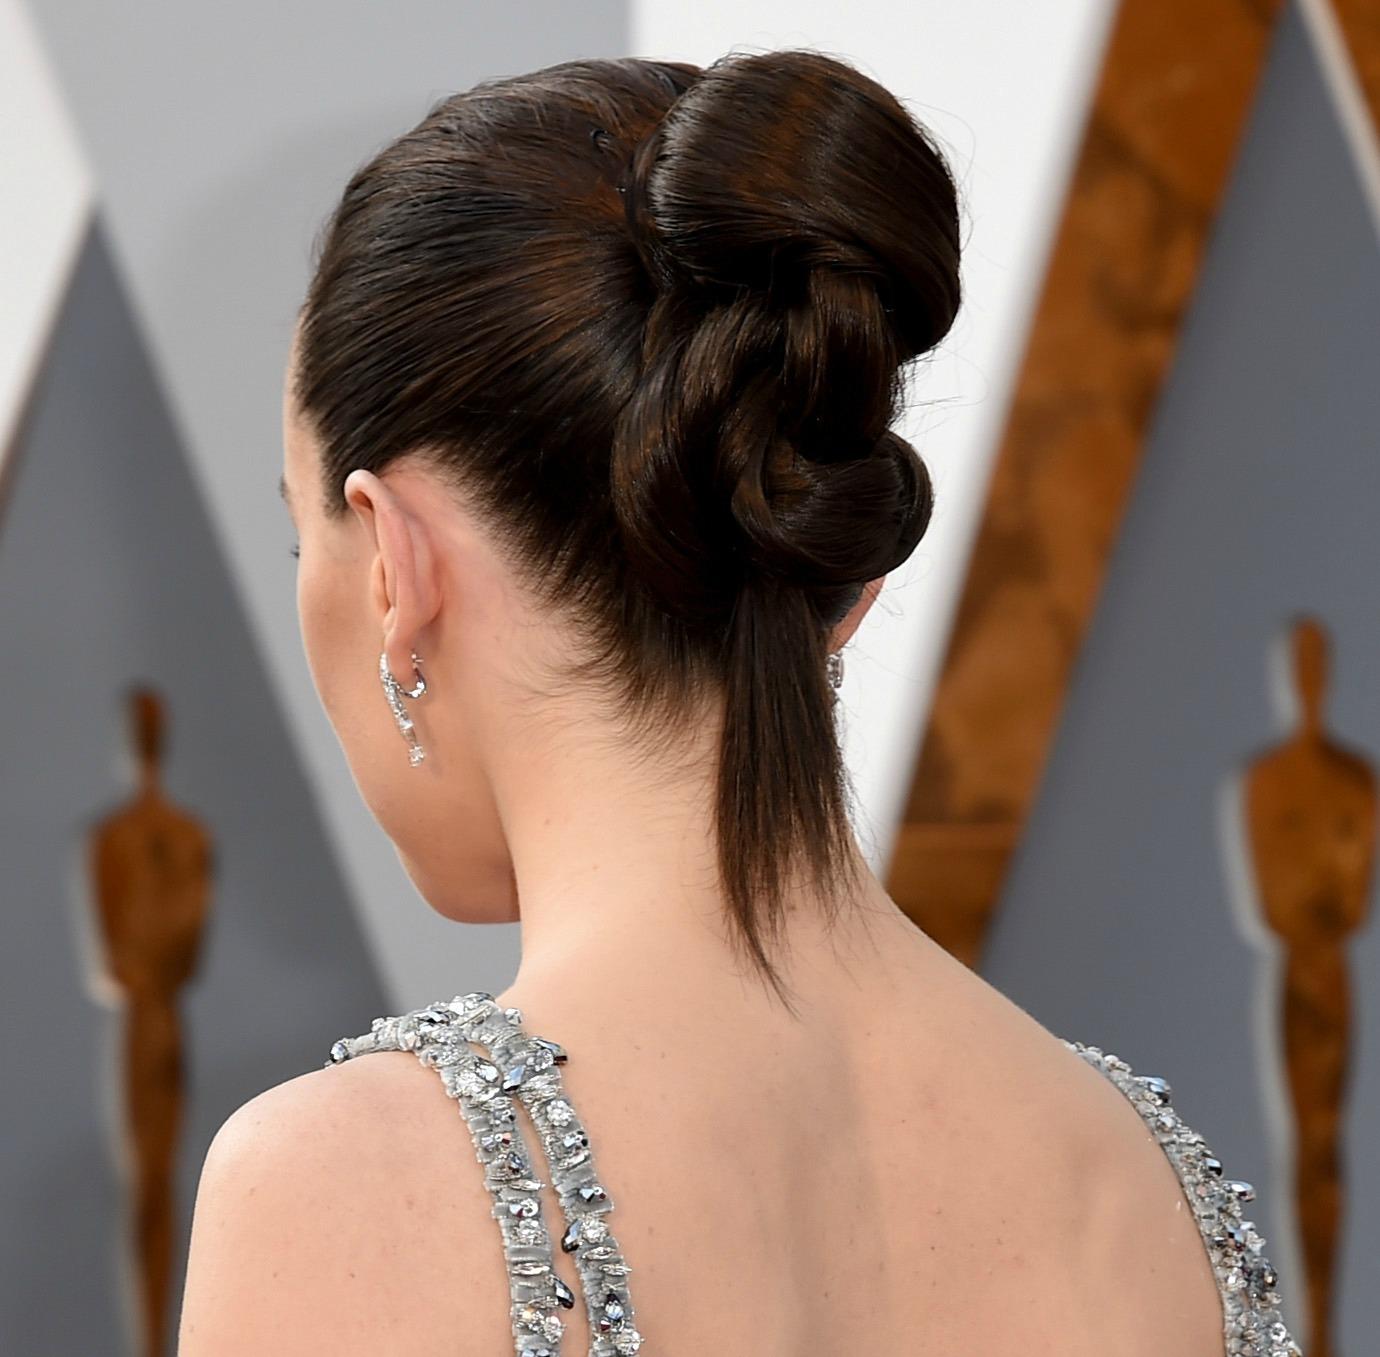 Coque estruturado Oscar 2016